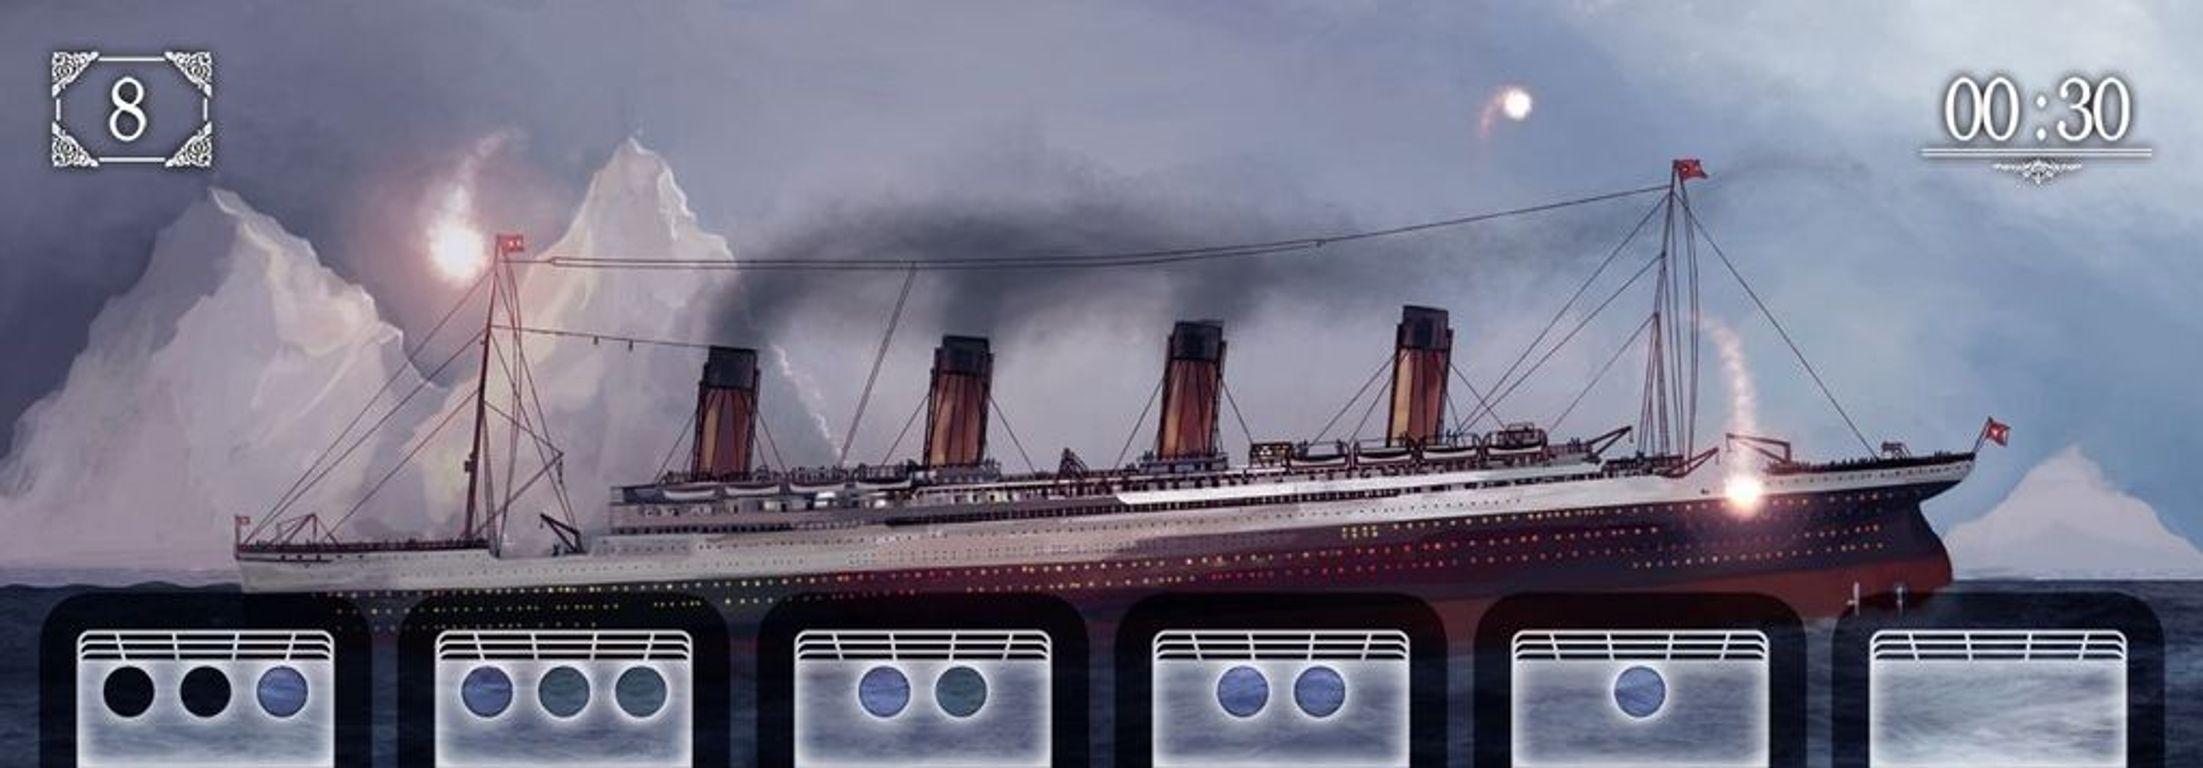 SOS Titanic game board